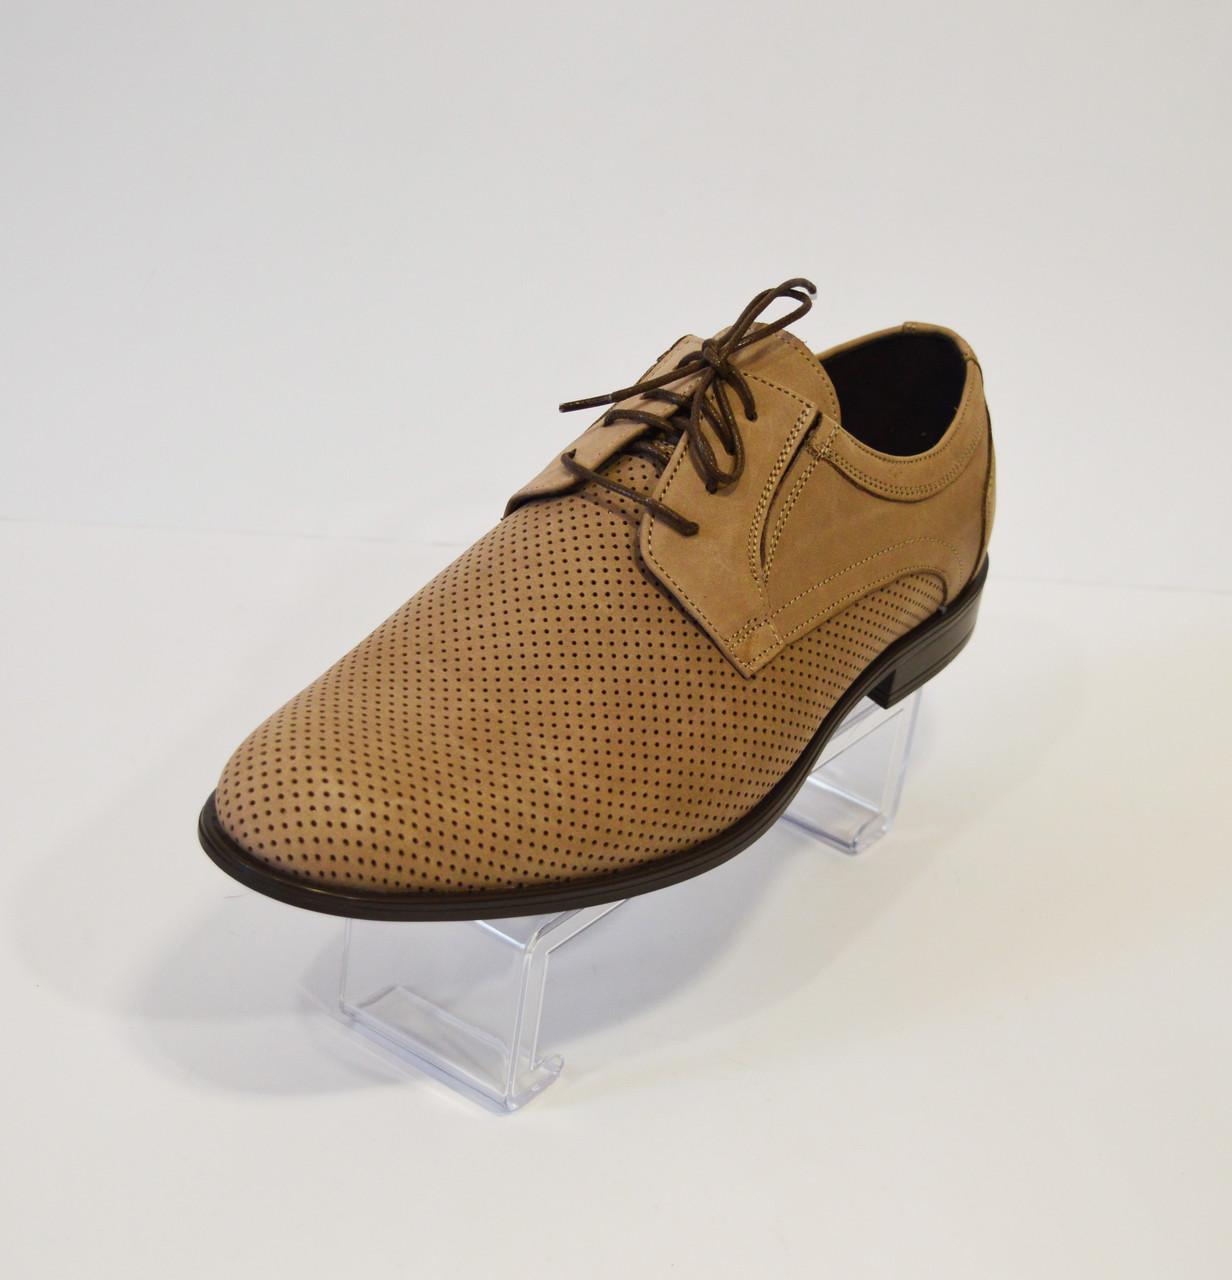 Мужские летние туфли с перфорацией Tapi 5400